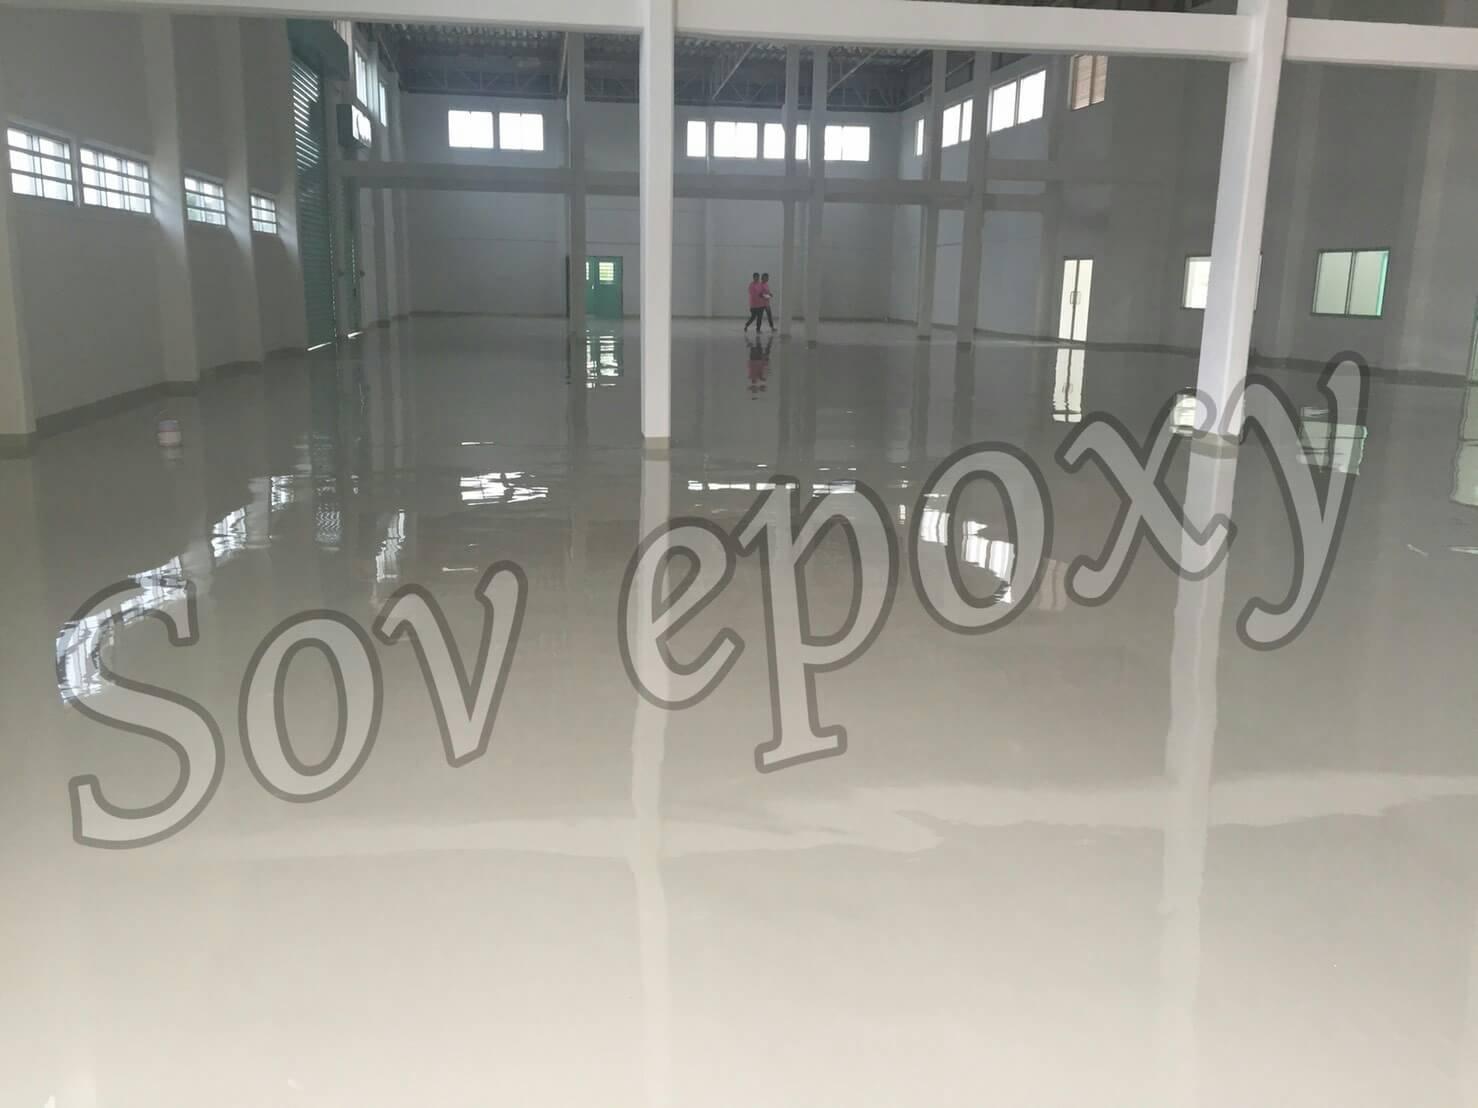 งานพื้น Epoxy Coating Epoxy Self leveling โรงงานโรจนะ 1